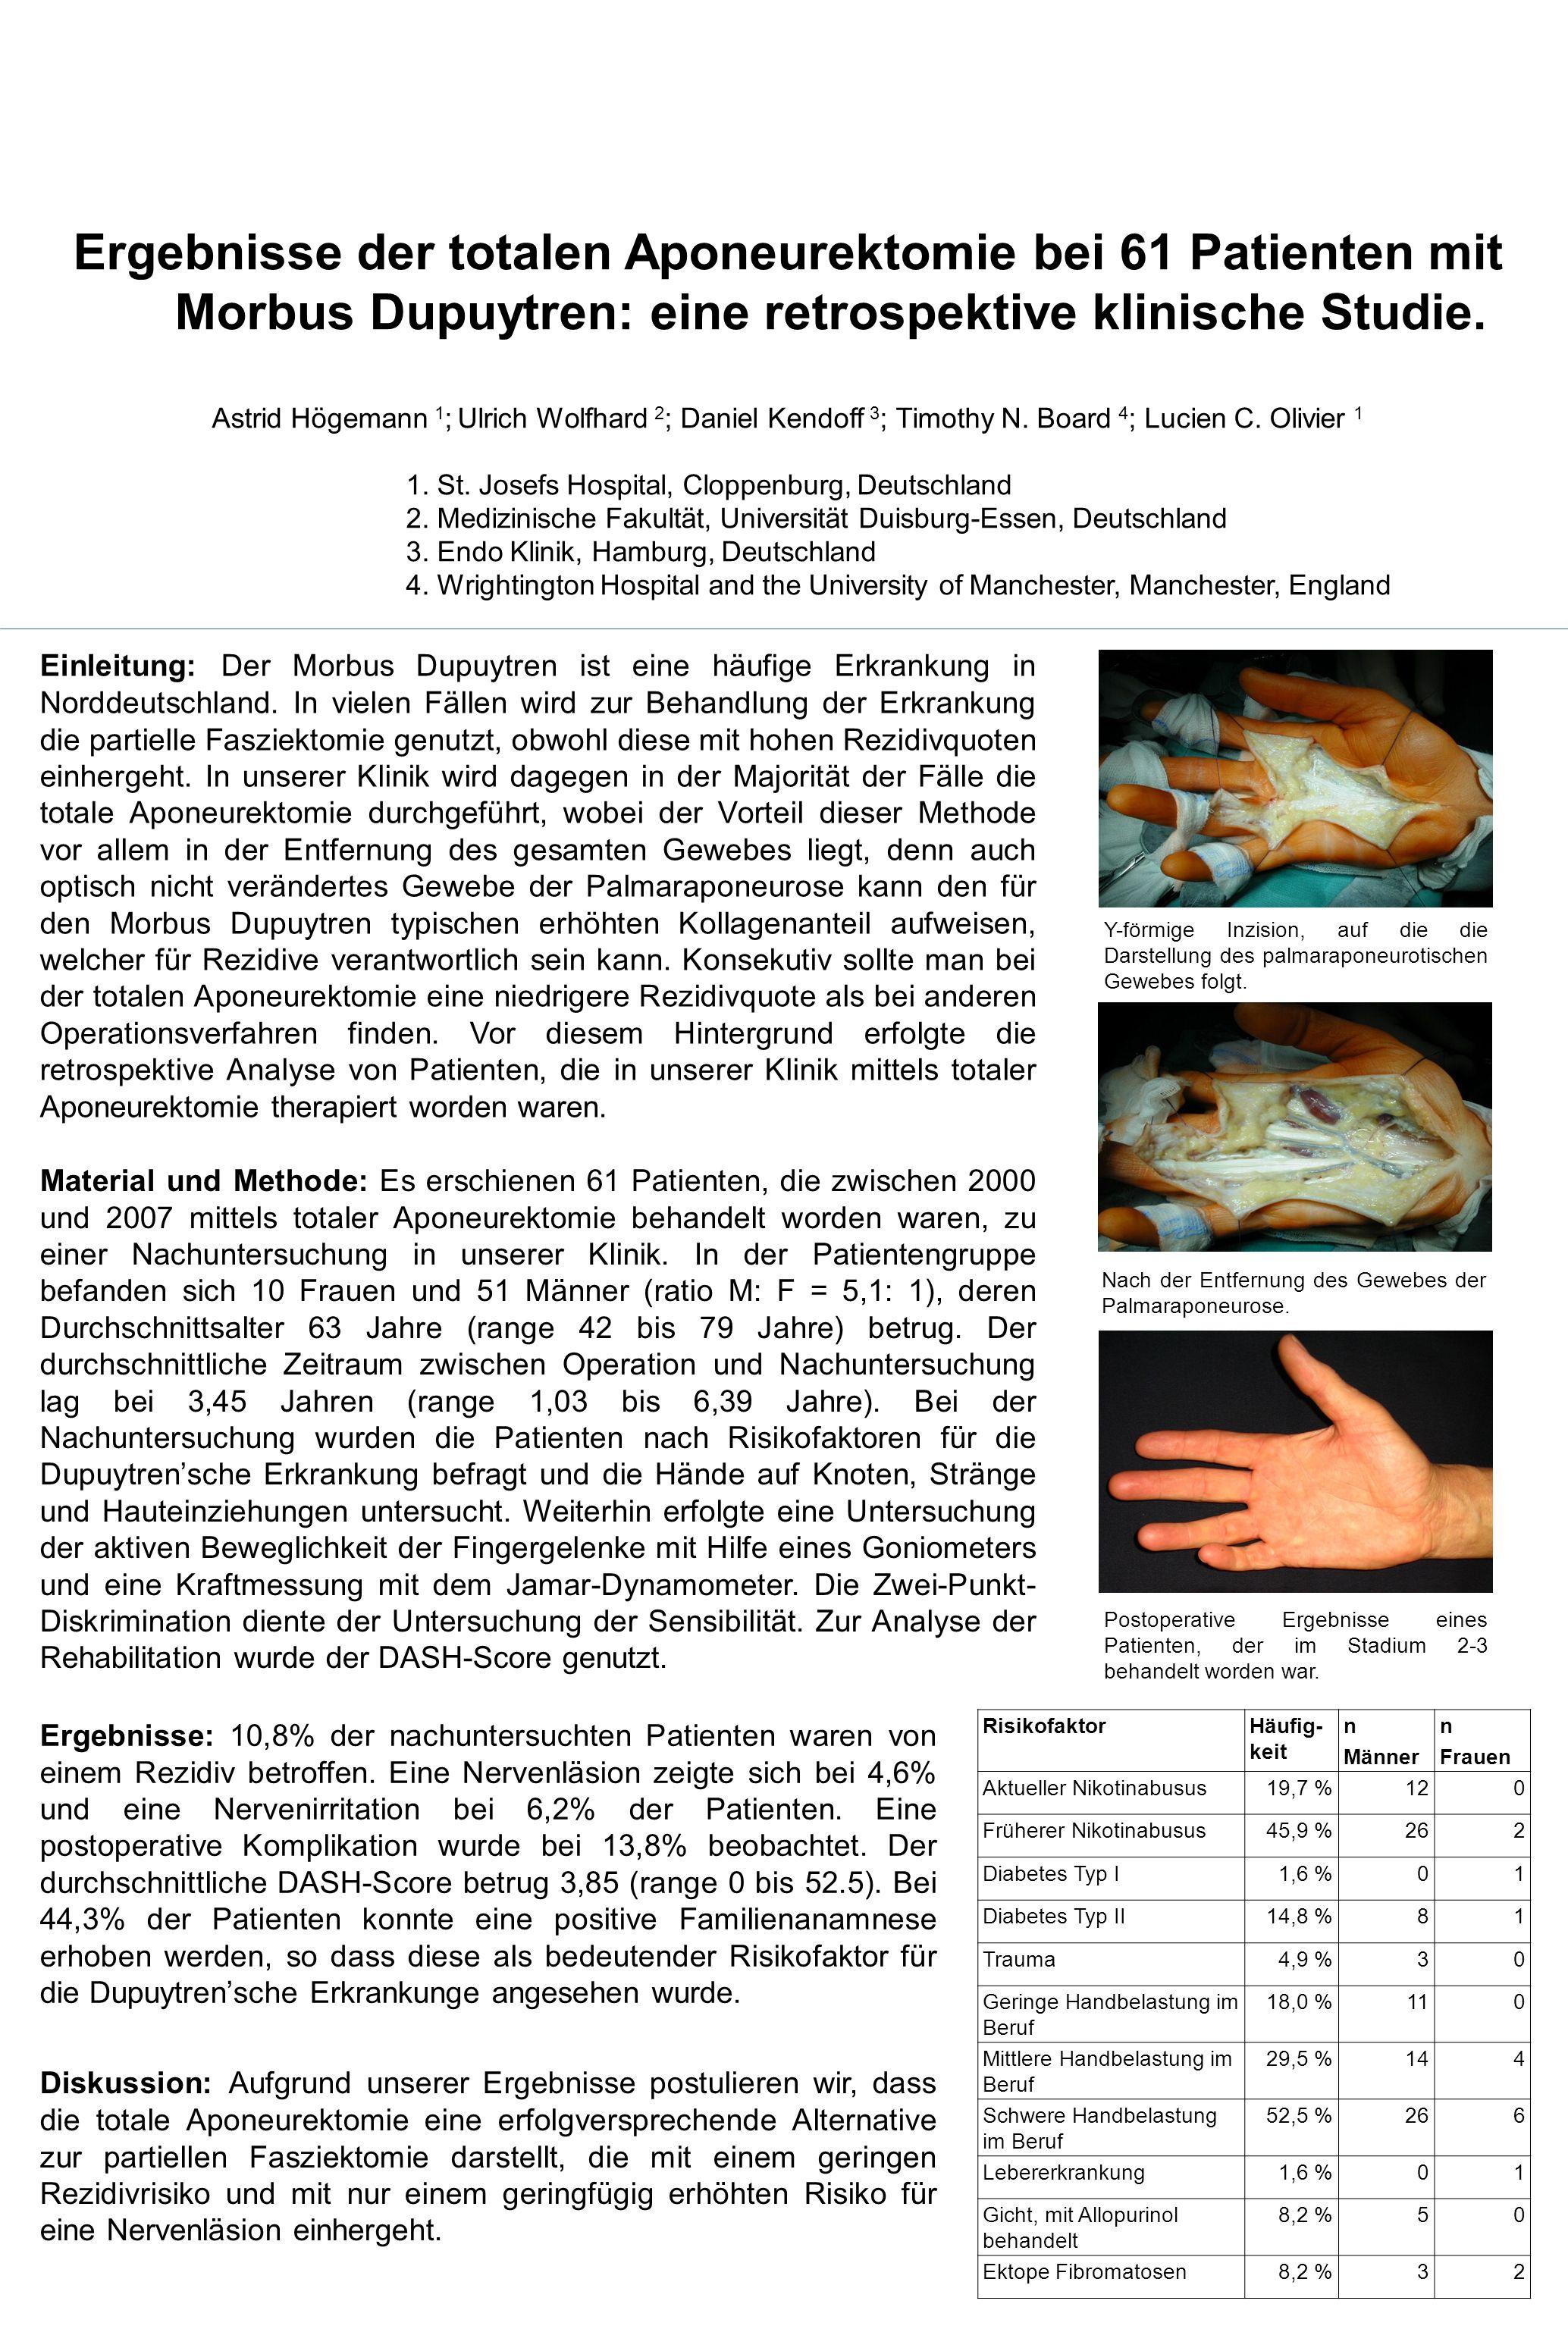 Ergebnisse der totalen Aponeurektomie bei 61 Patienten mit Morbus Dupuytren: eine retrospektive klinische Studie. Astrid Högemann 1 ; Ulrich Wolfhard